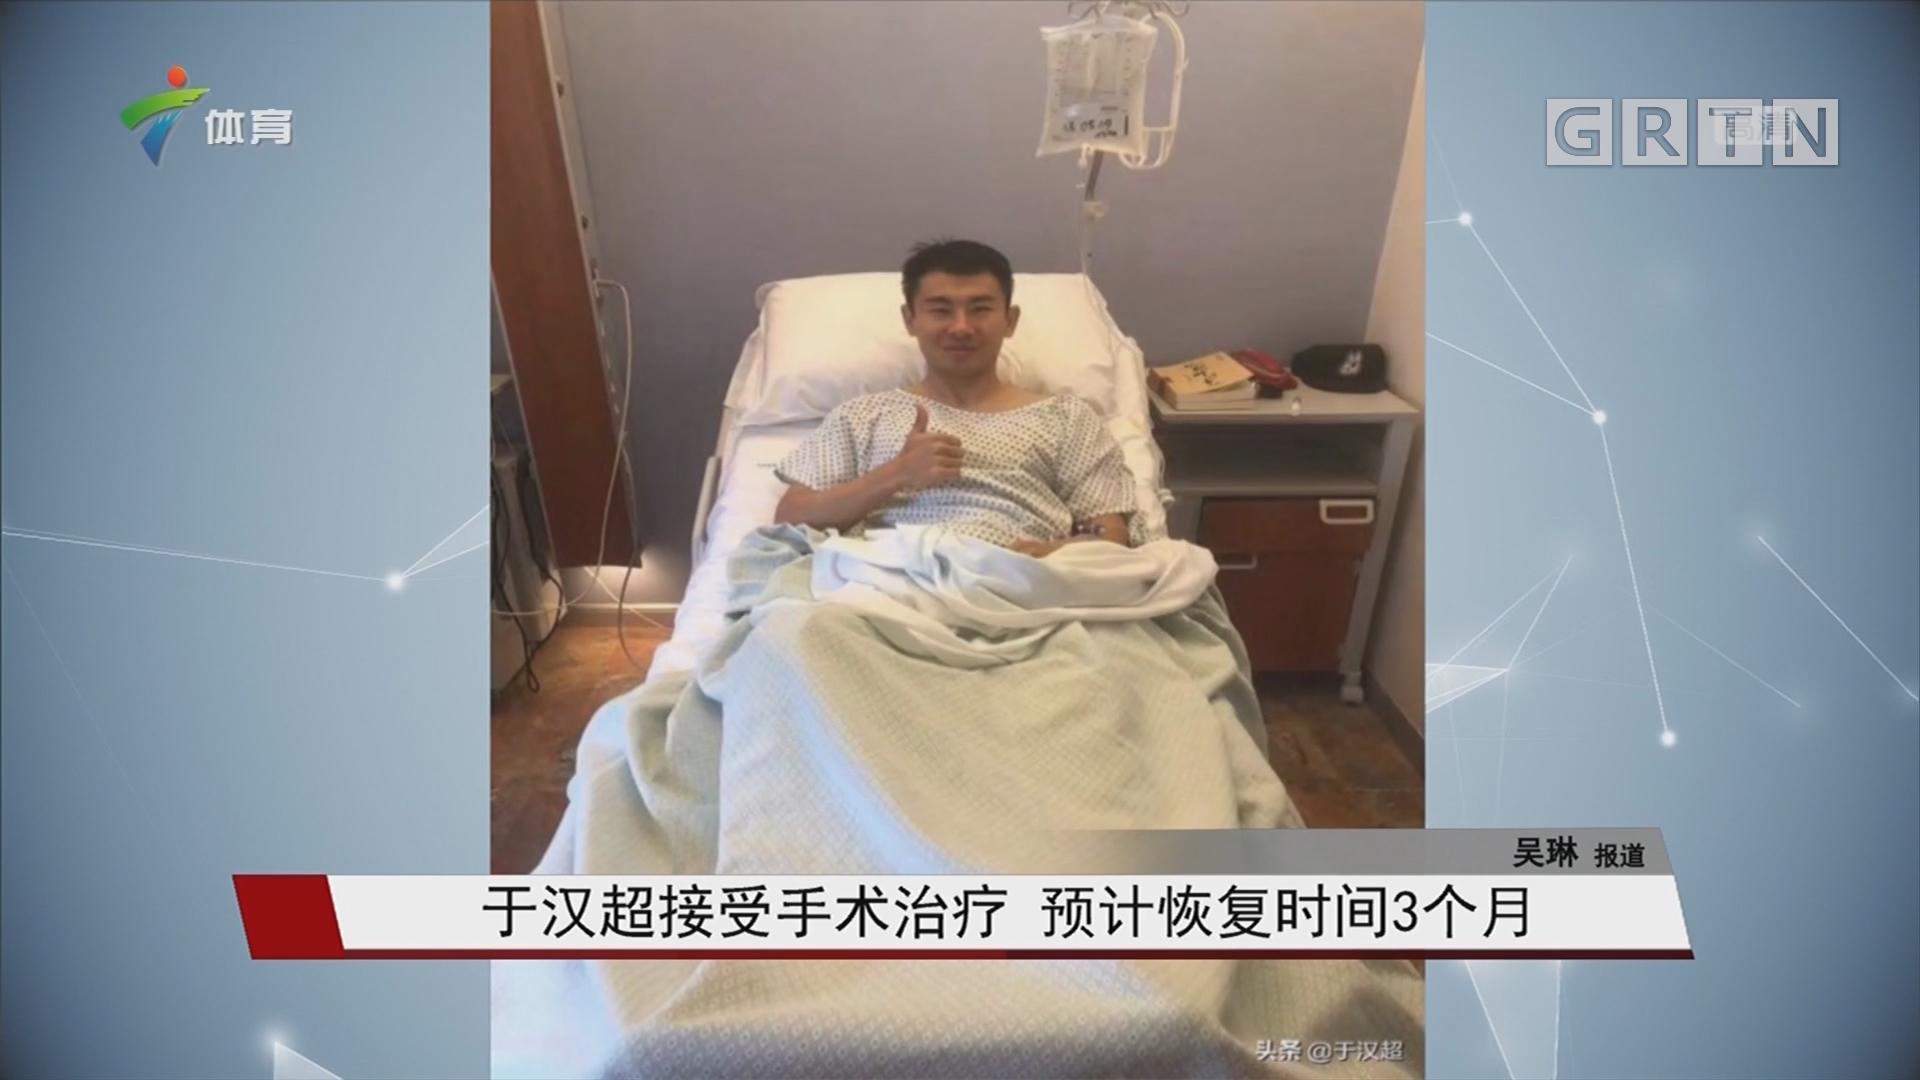 于汉超接受手术治疗 预计恢复时间3个月